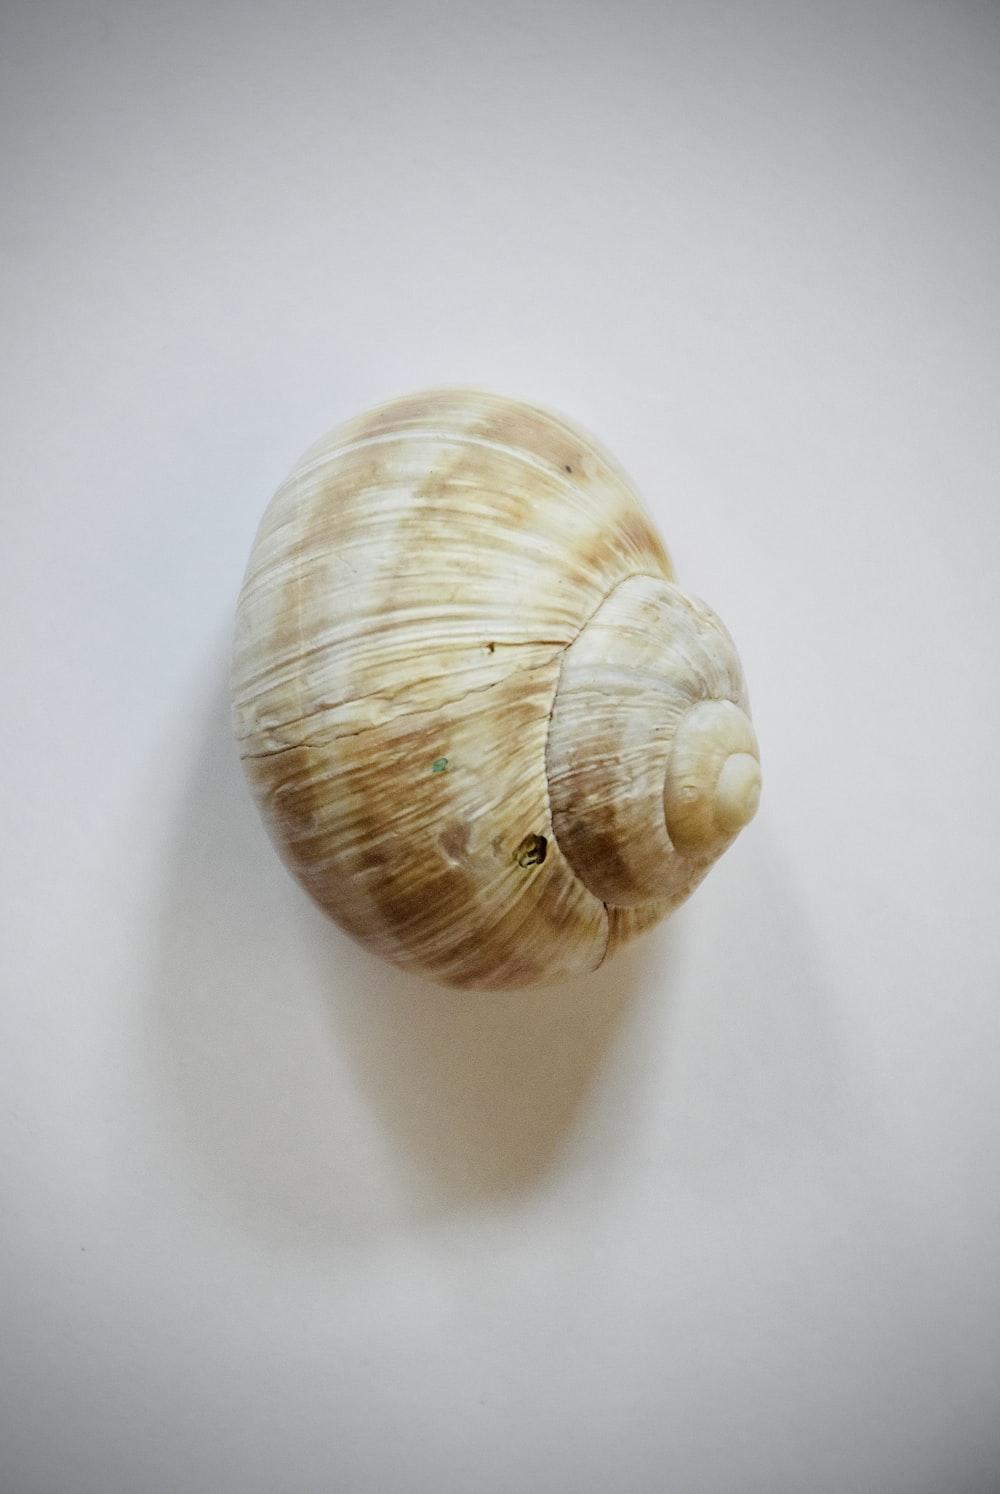 brown and white seashell on white textile